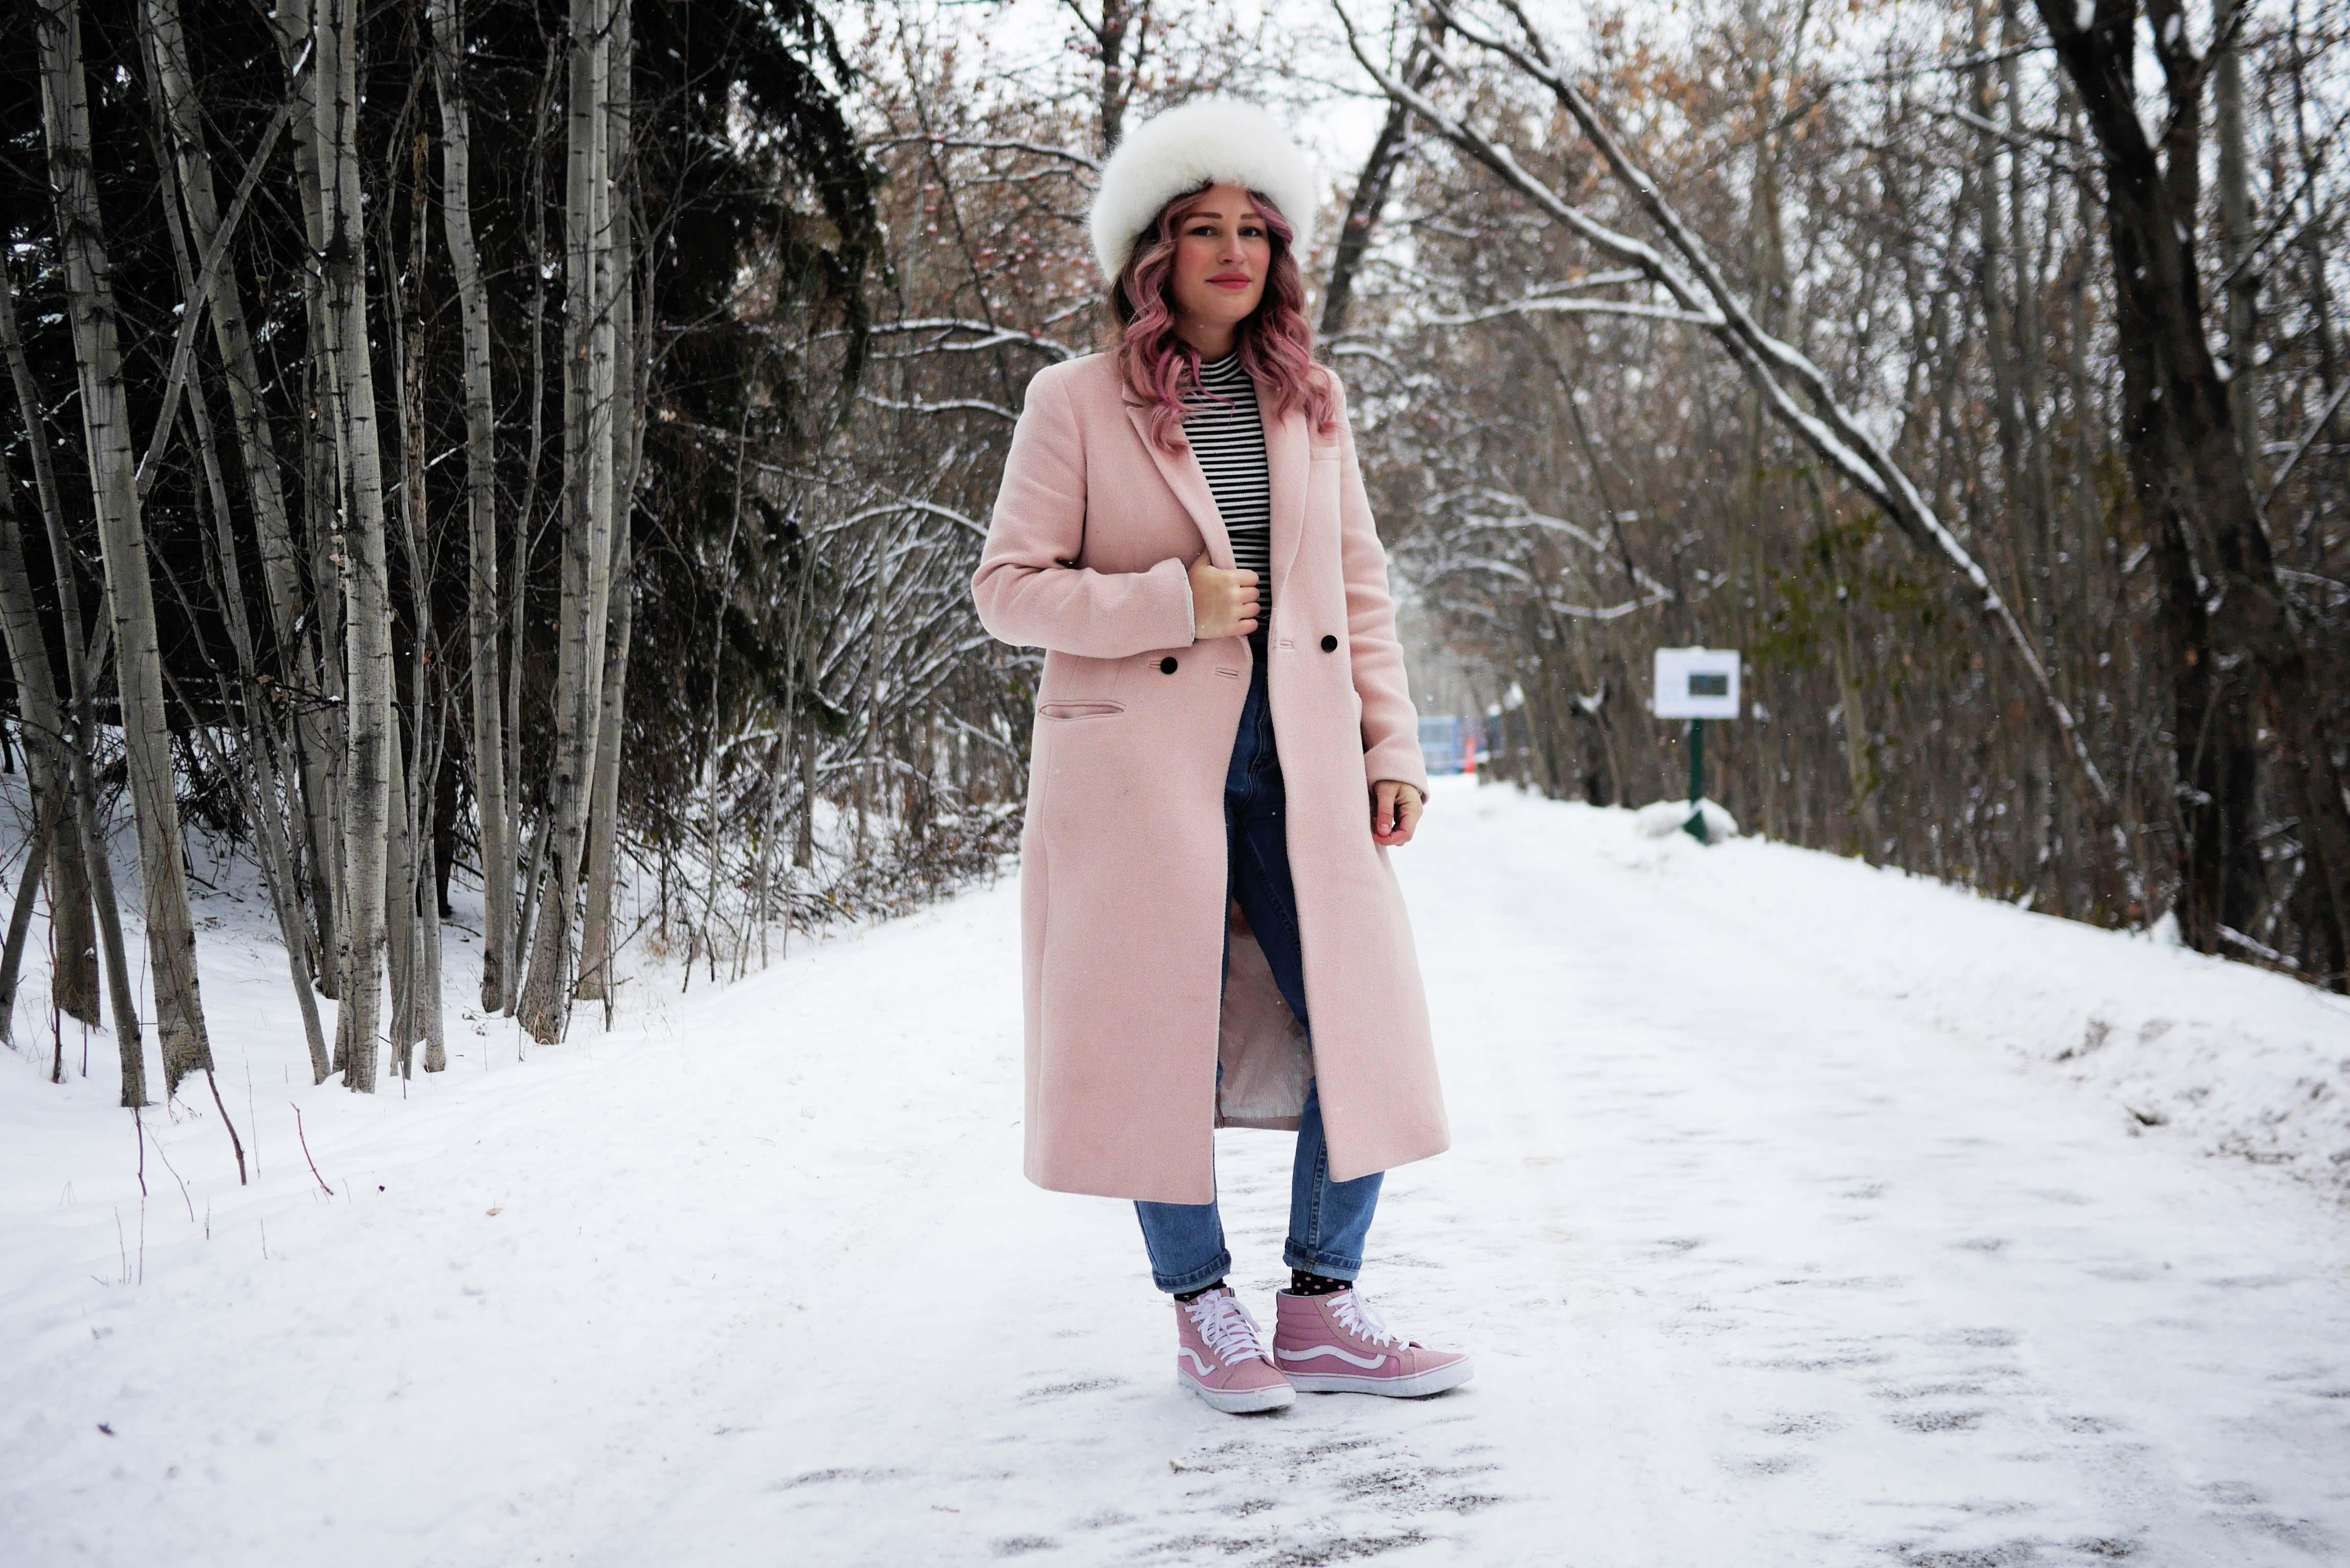 winter-wonderland-style-7